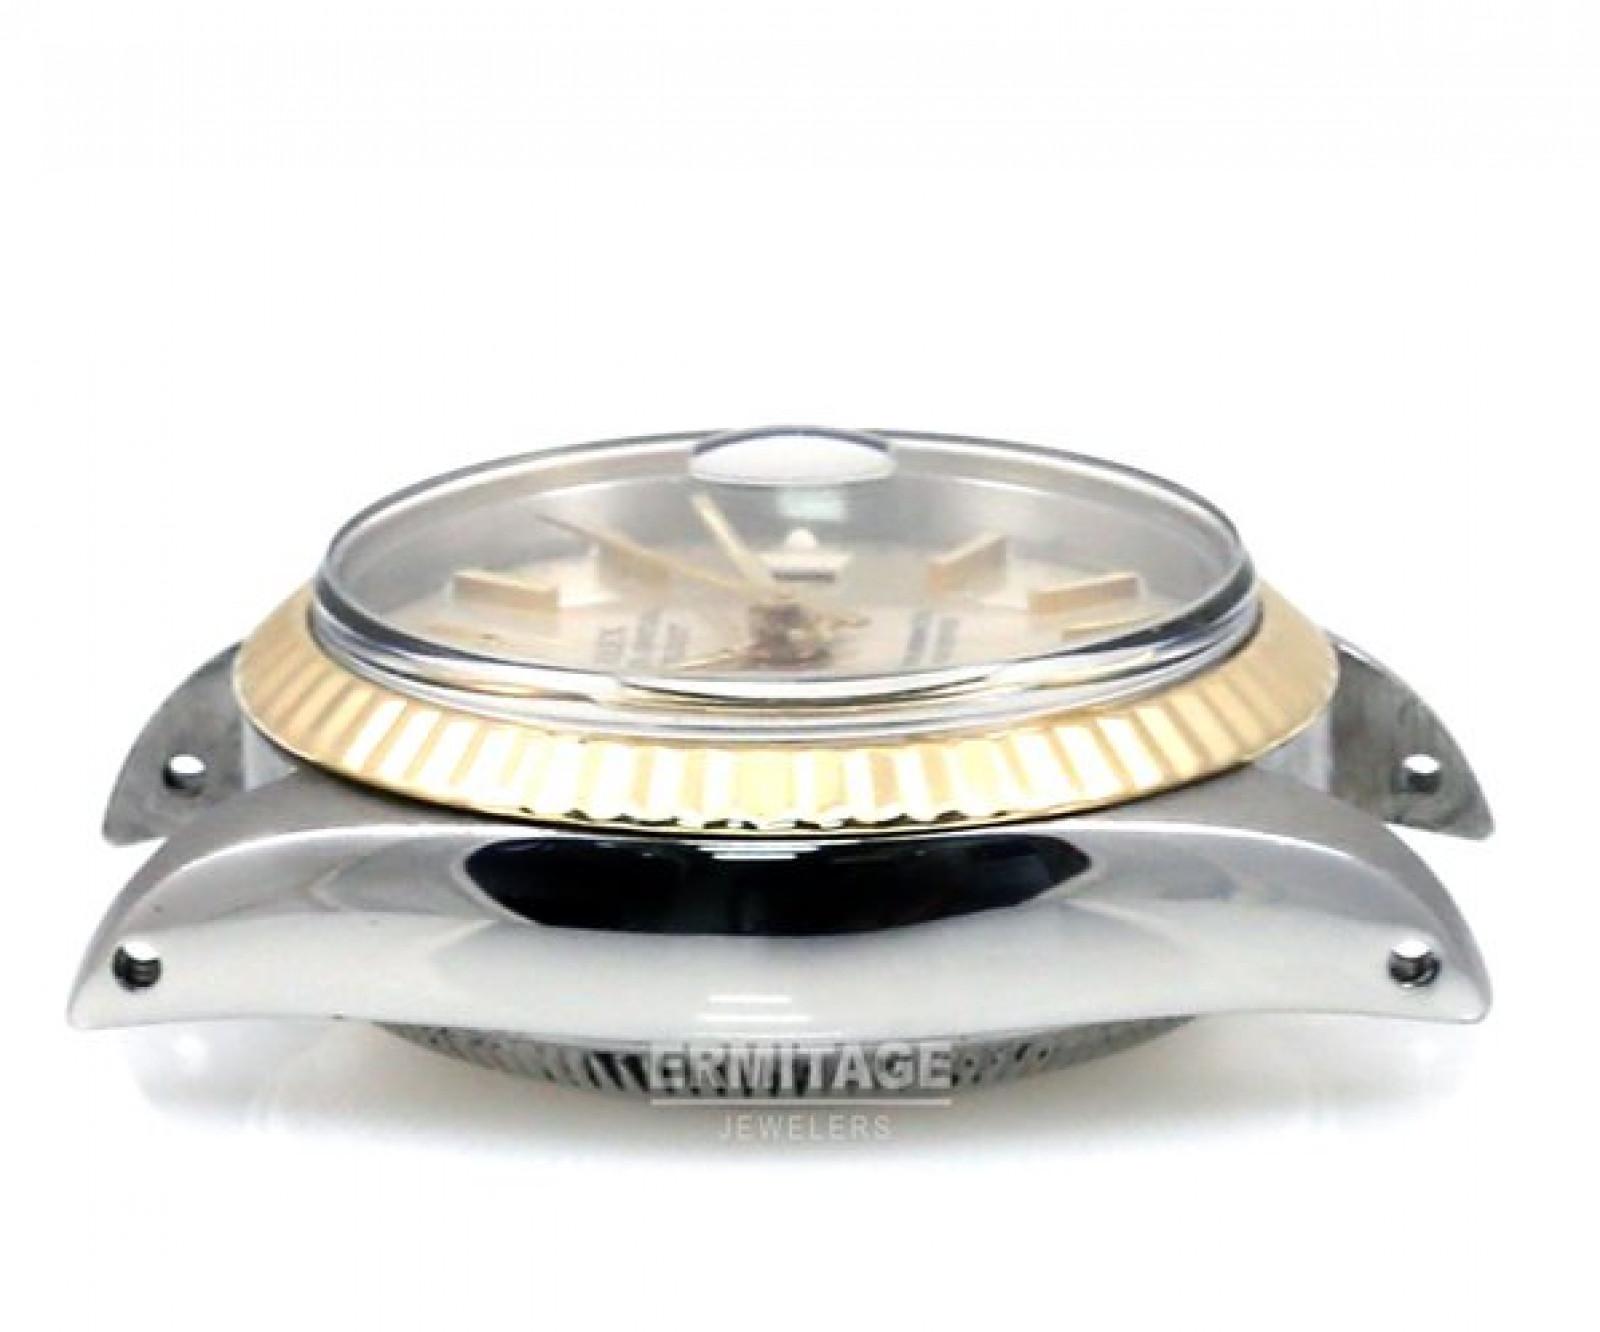 Vintage Rolex Datejust 6917